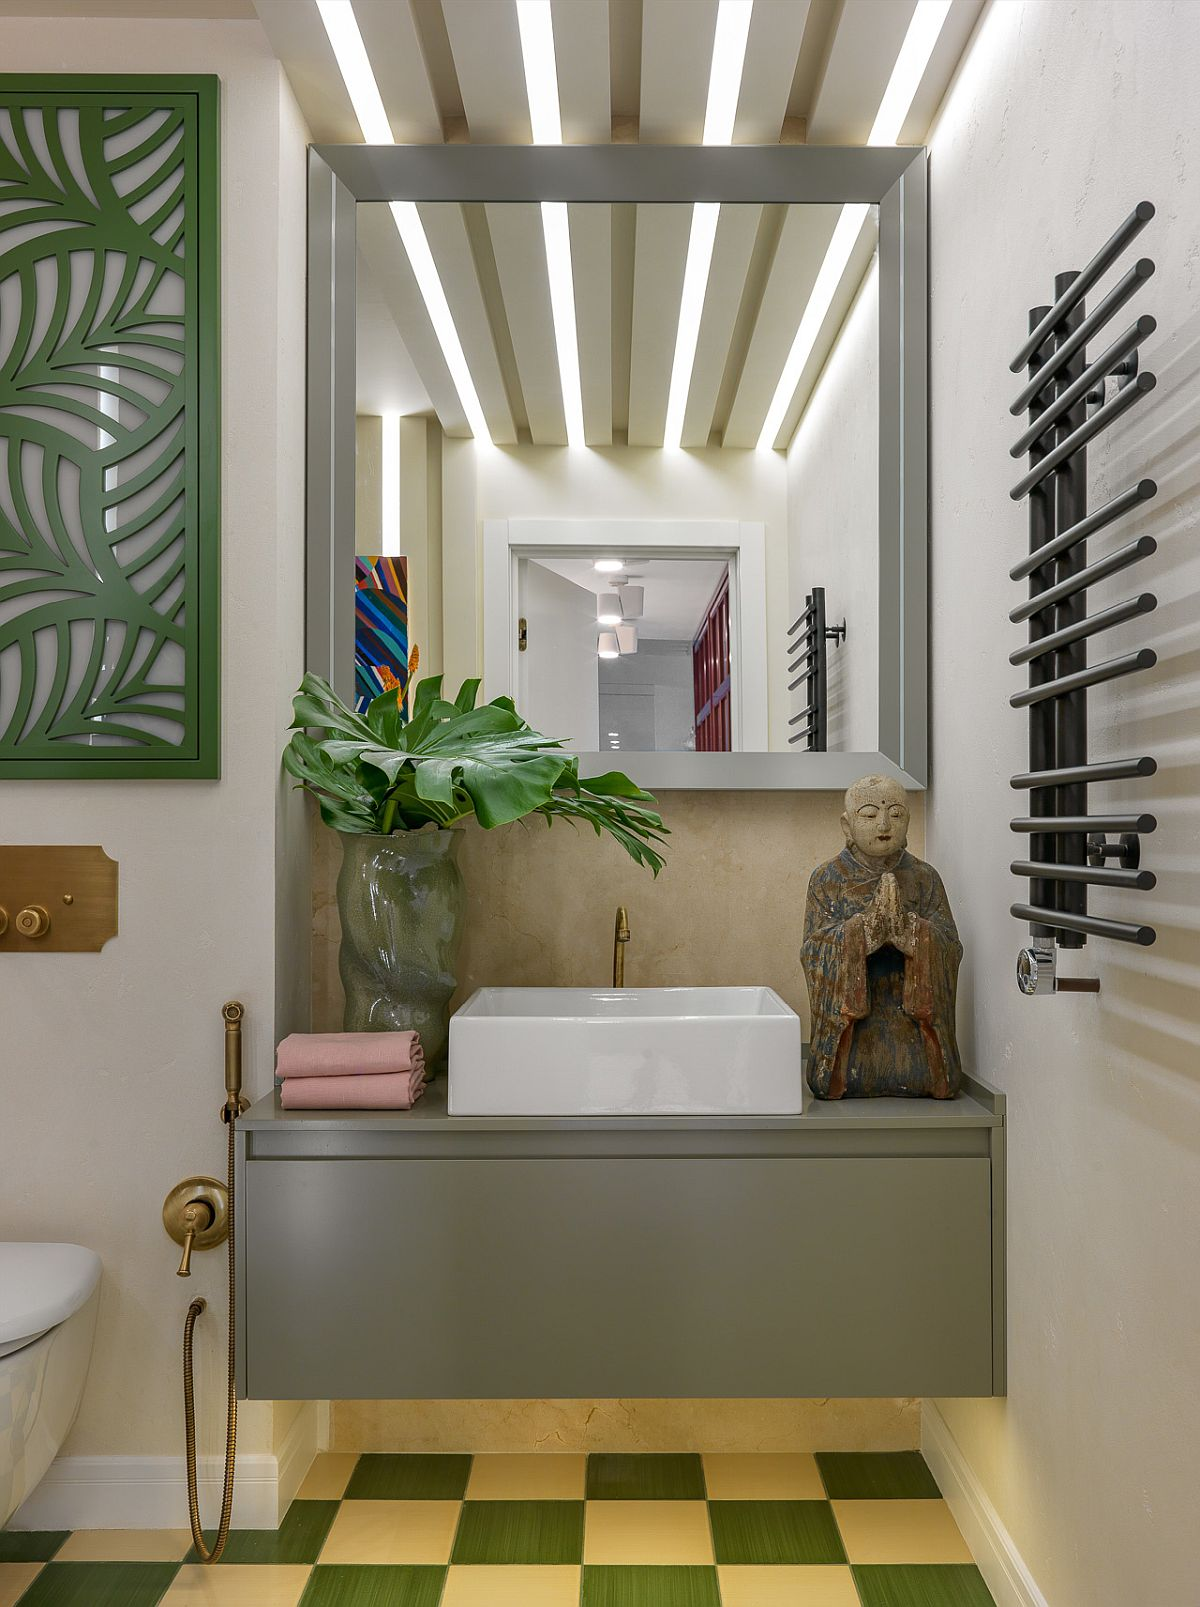 Baia este colorată și tratată curajos sub aspectul culorilor și combinațiilor de materiale. La nivelul plafonului a fost conceput un iluminat decorativ cu benzi LED: